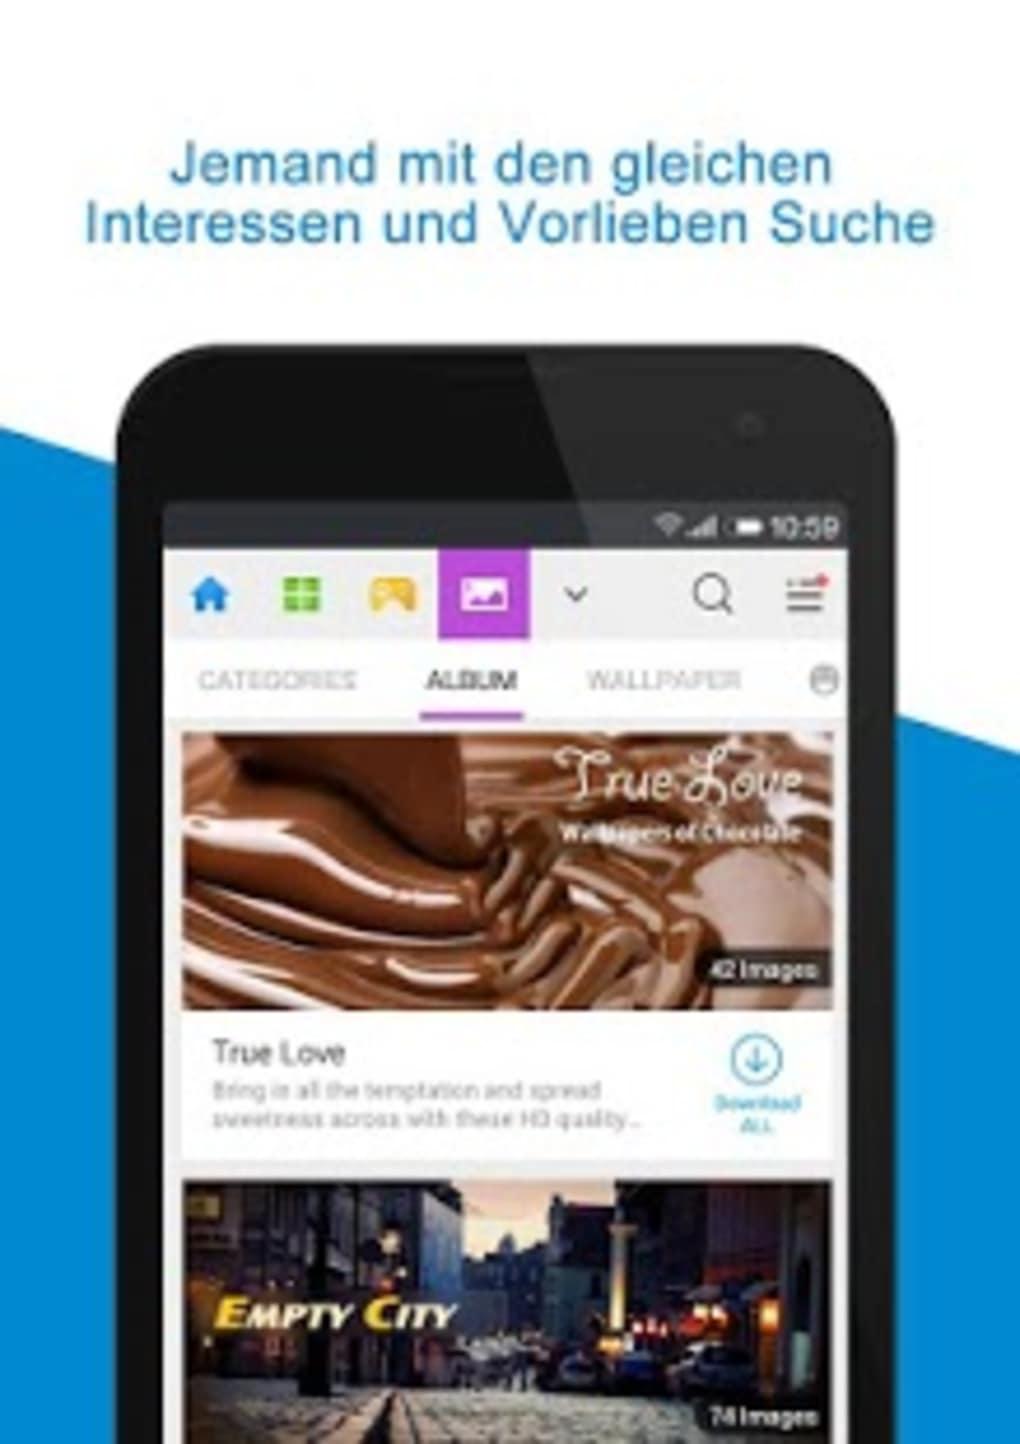 app zum downloaden von videos iphone